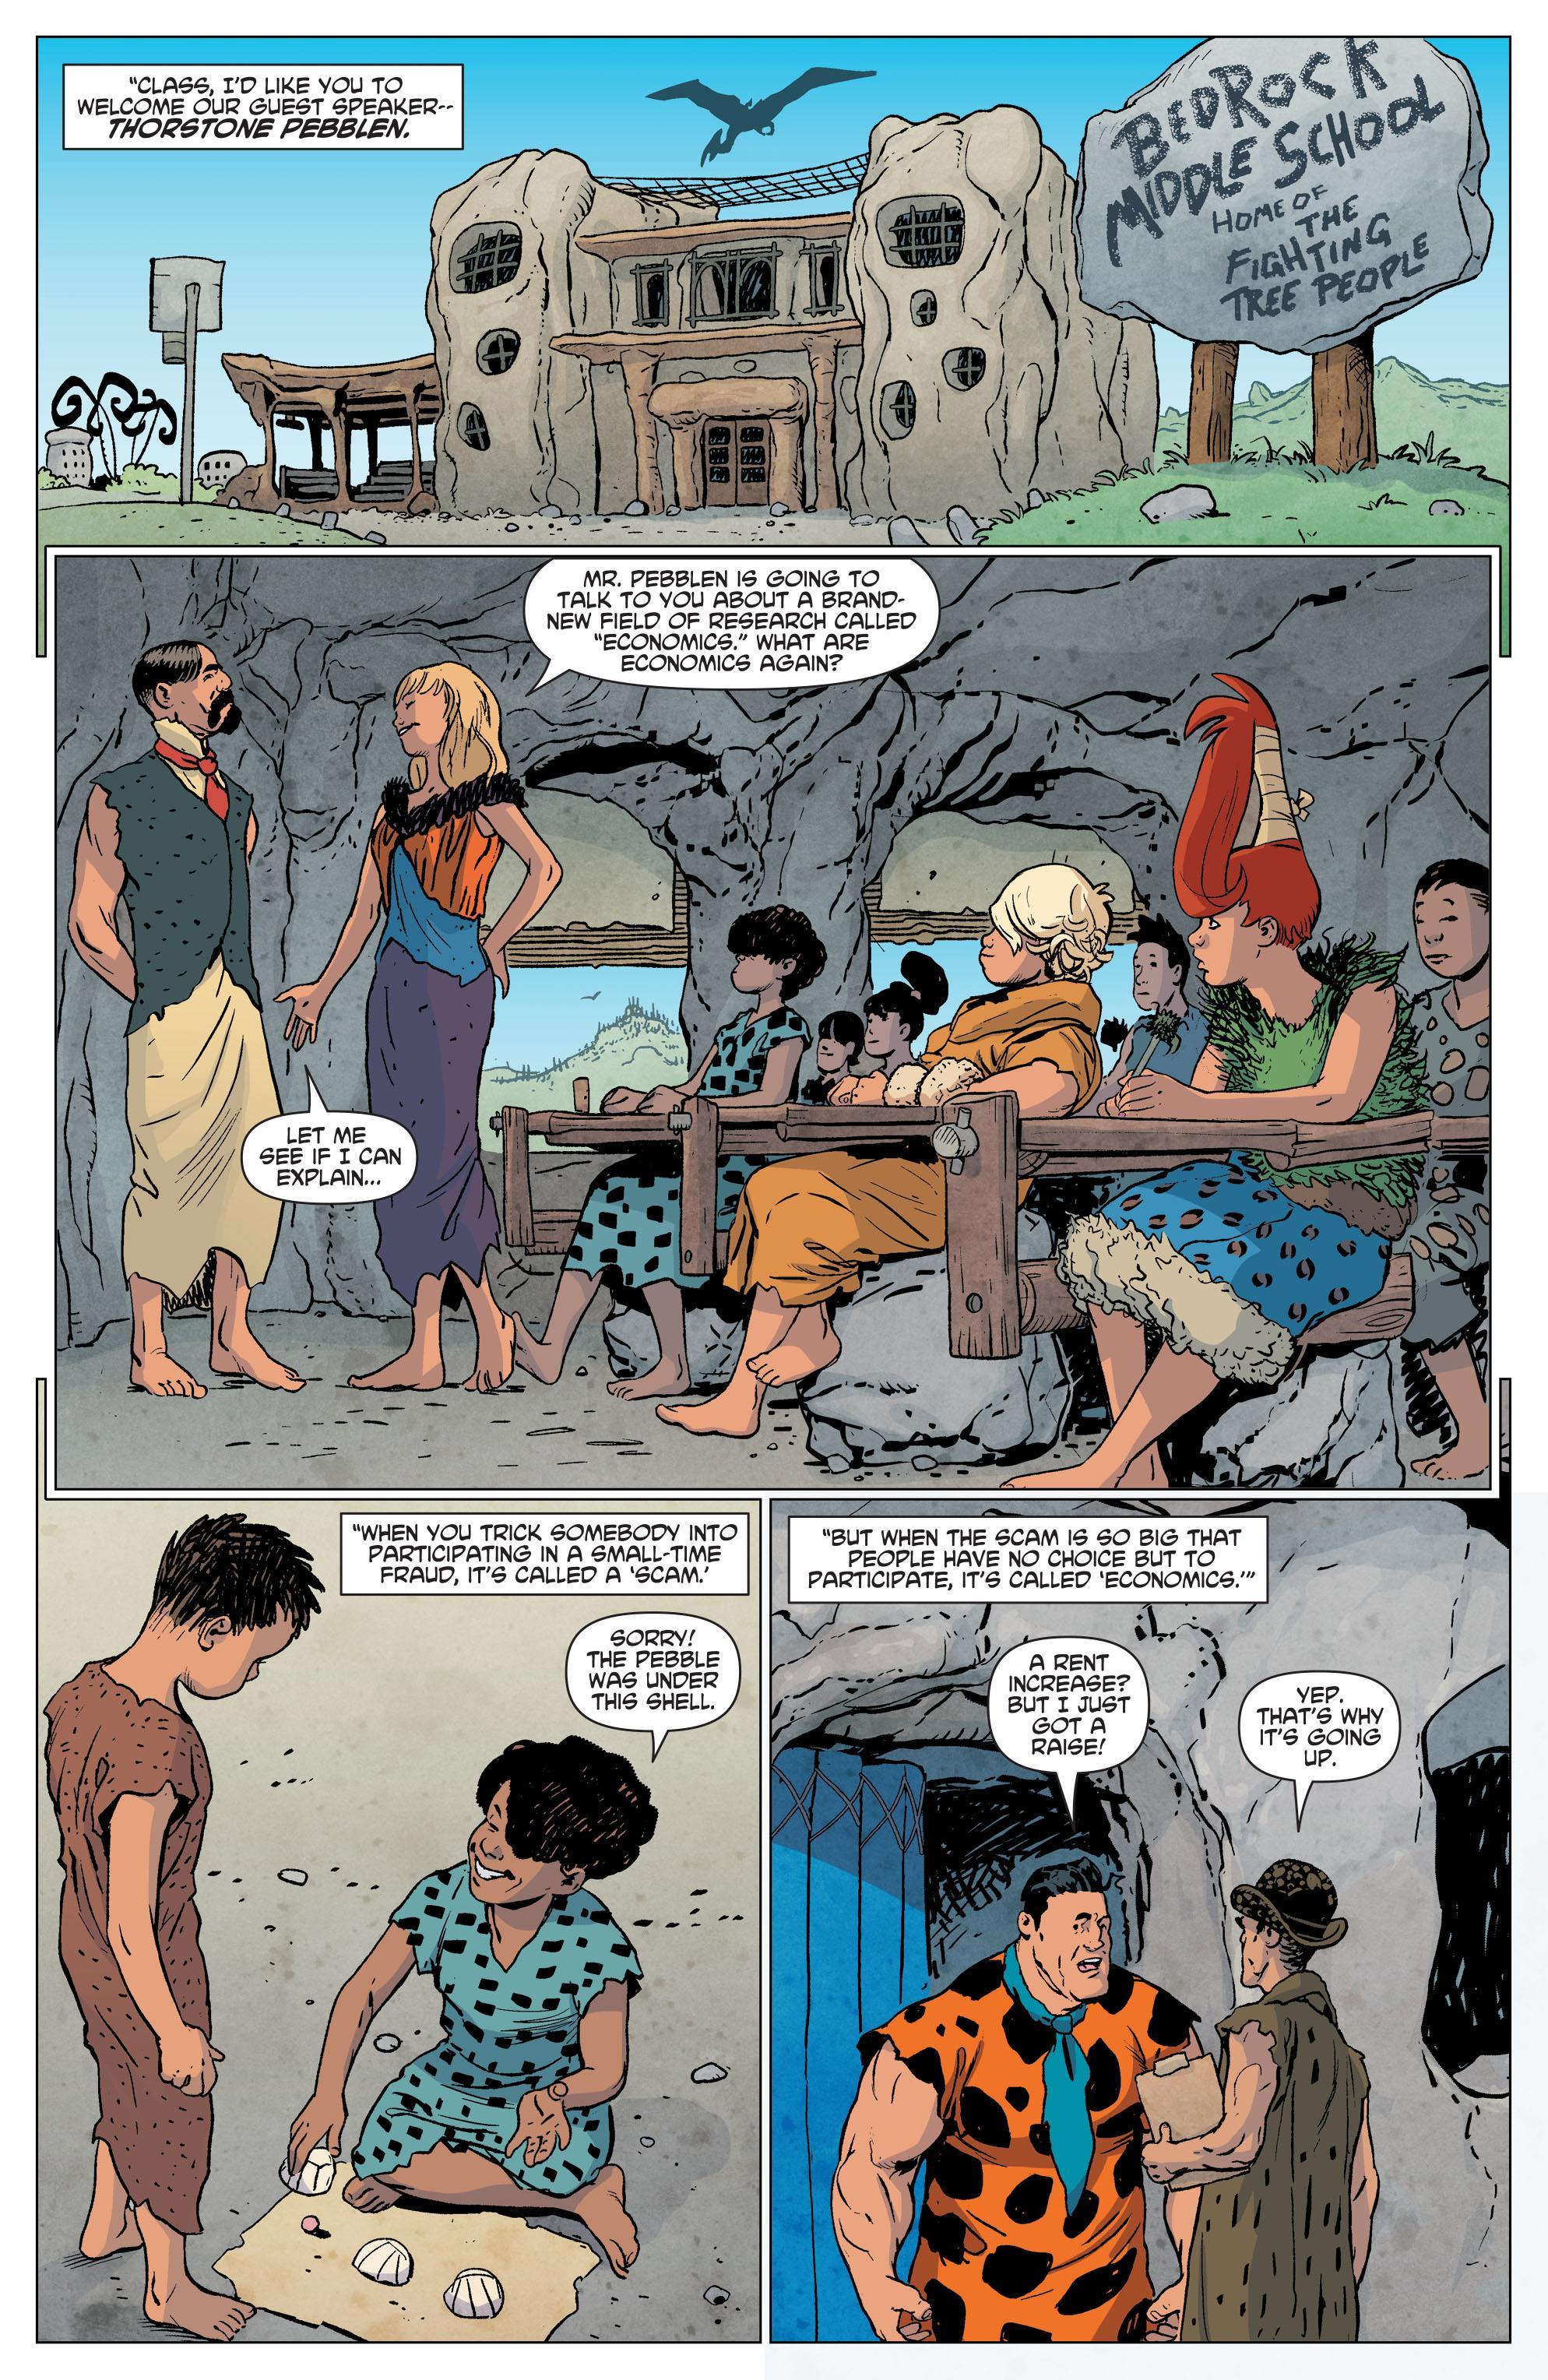 The Flintstones Bedrock Bedlam review